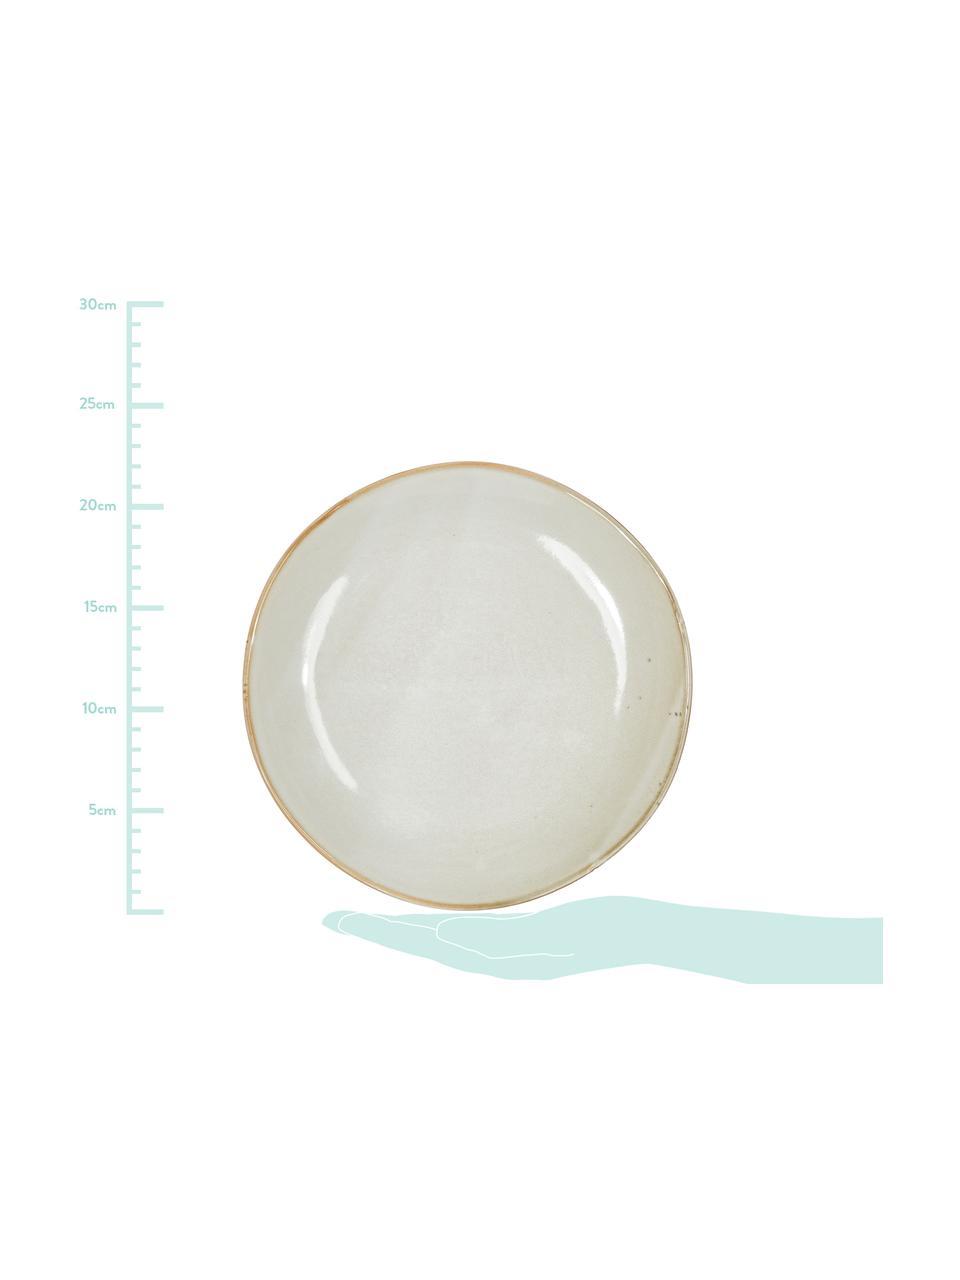 Handgemachte Steingut-Frühstücksteller Thalia in Beige, 2 Stück, Steingut, Beige, Ø 22 cm